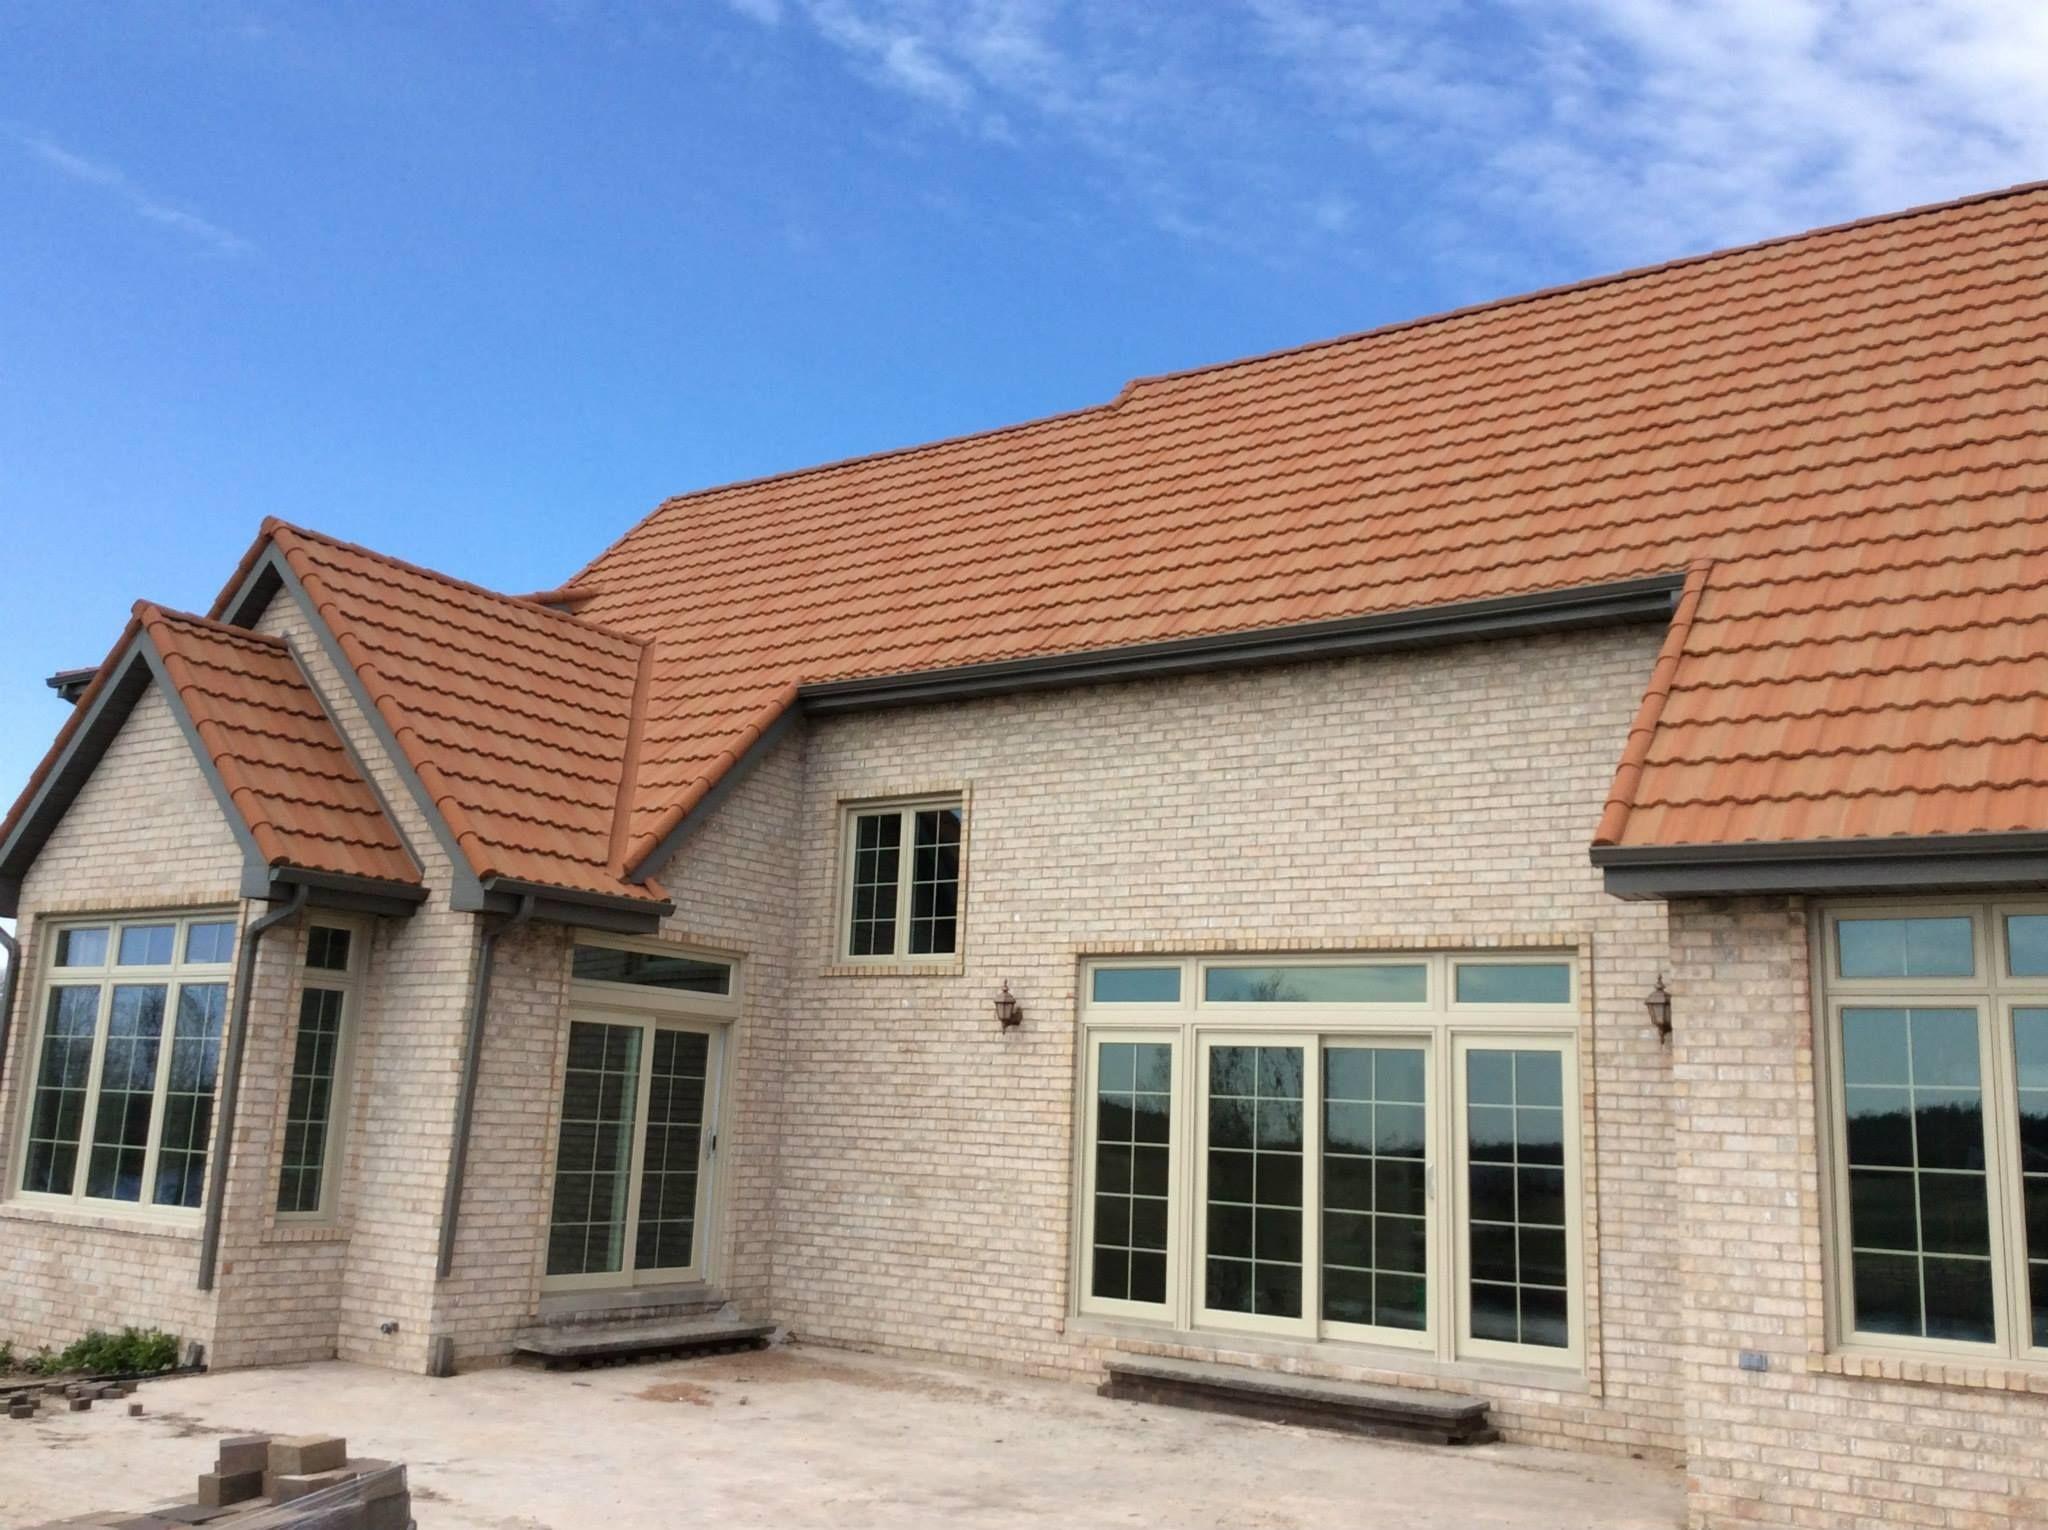 Gerard metal roof | Metal roof, Roofing, Metal siding